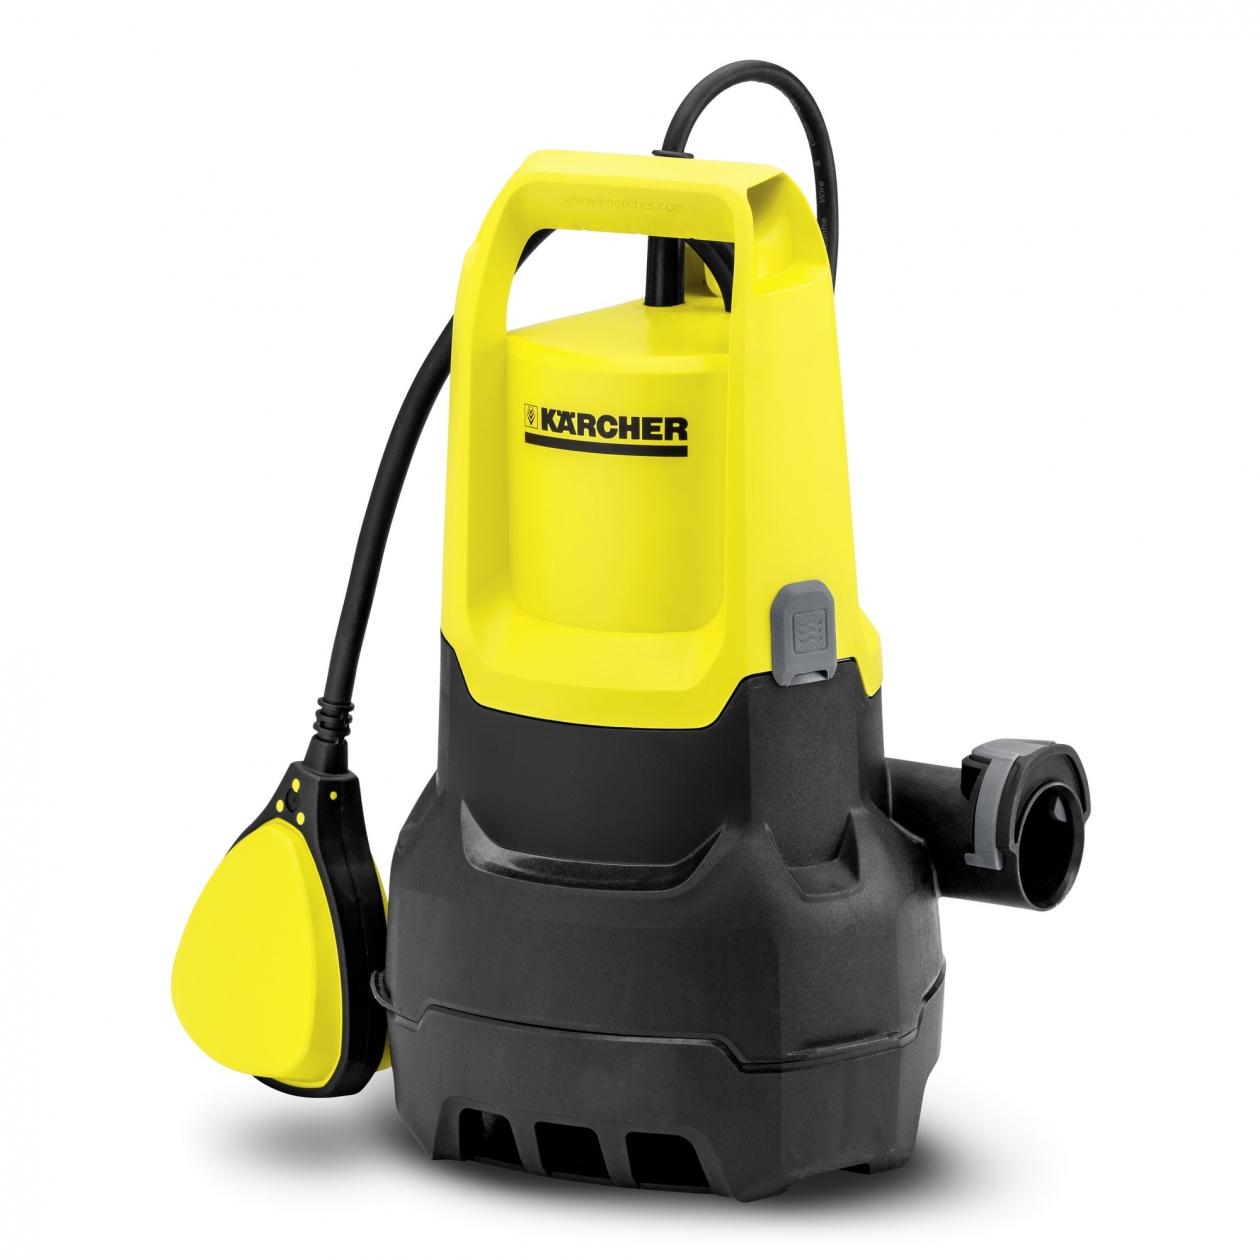 Дренажный насос Karcher Sp 1 dirt 1.645-500.0 дренажный насос для грязной воды karcher sp 1 dirt 1 645 500 0